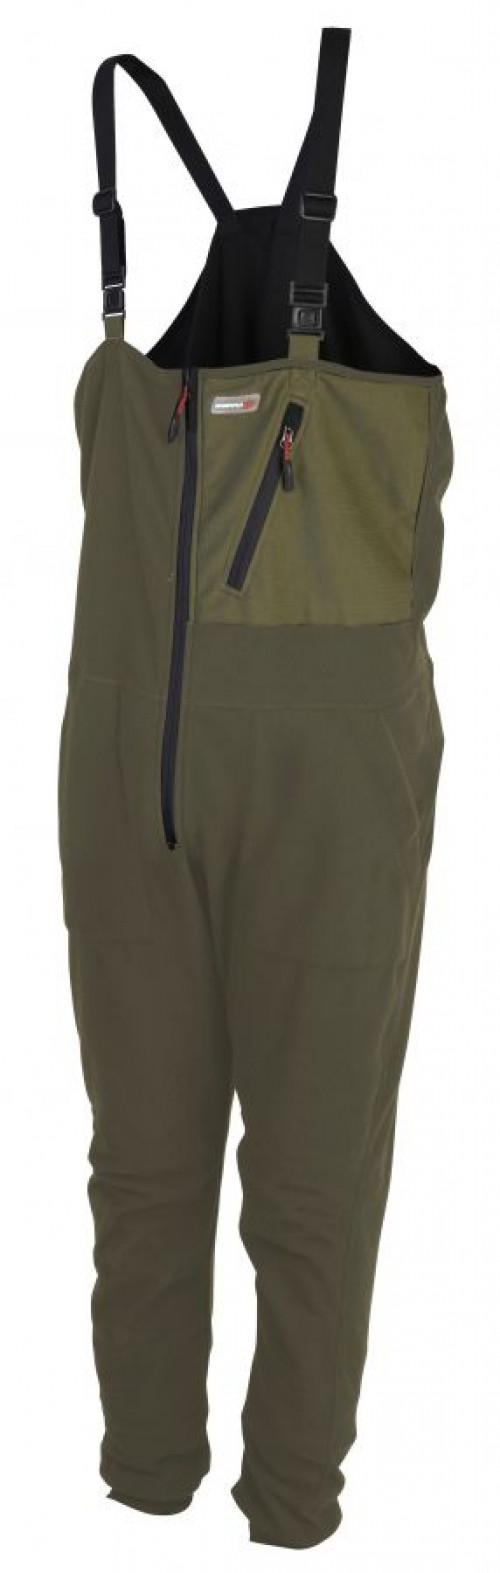 Scierra Thermo Body Suit Brown/Grey